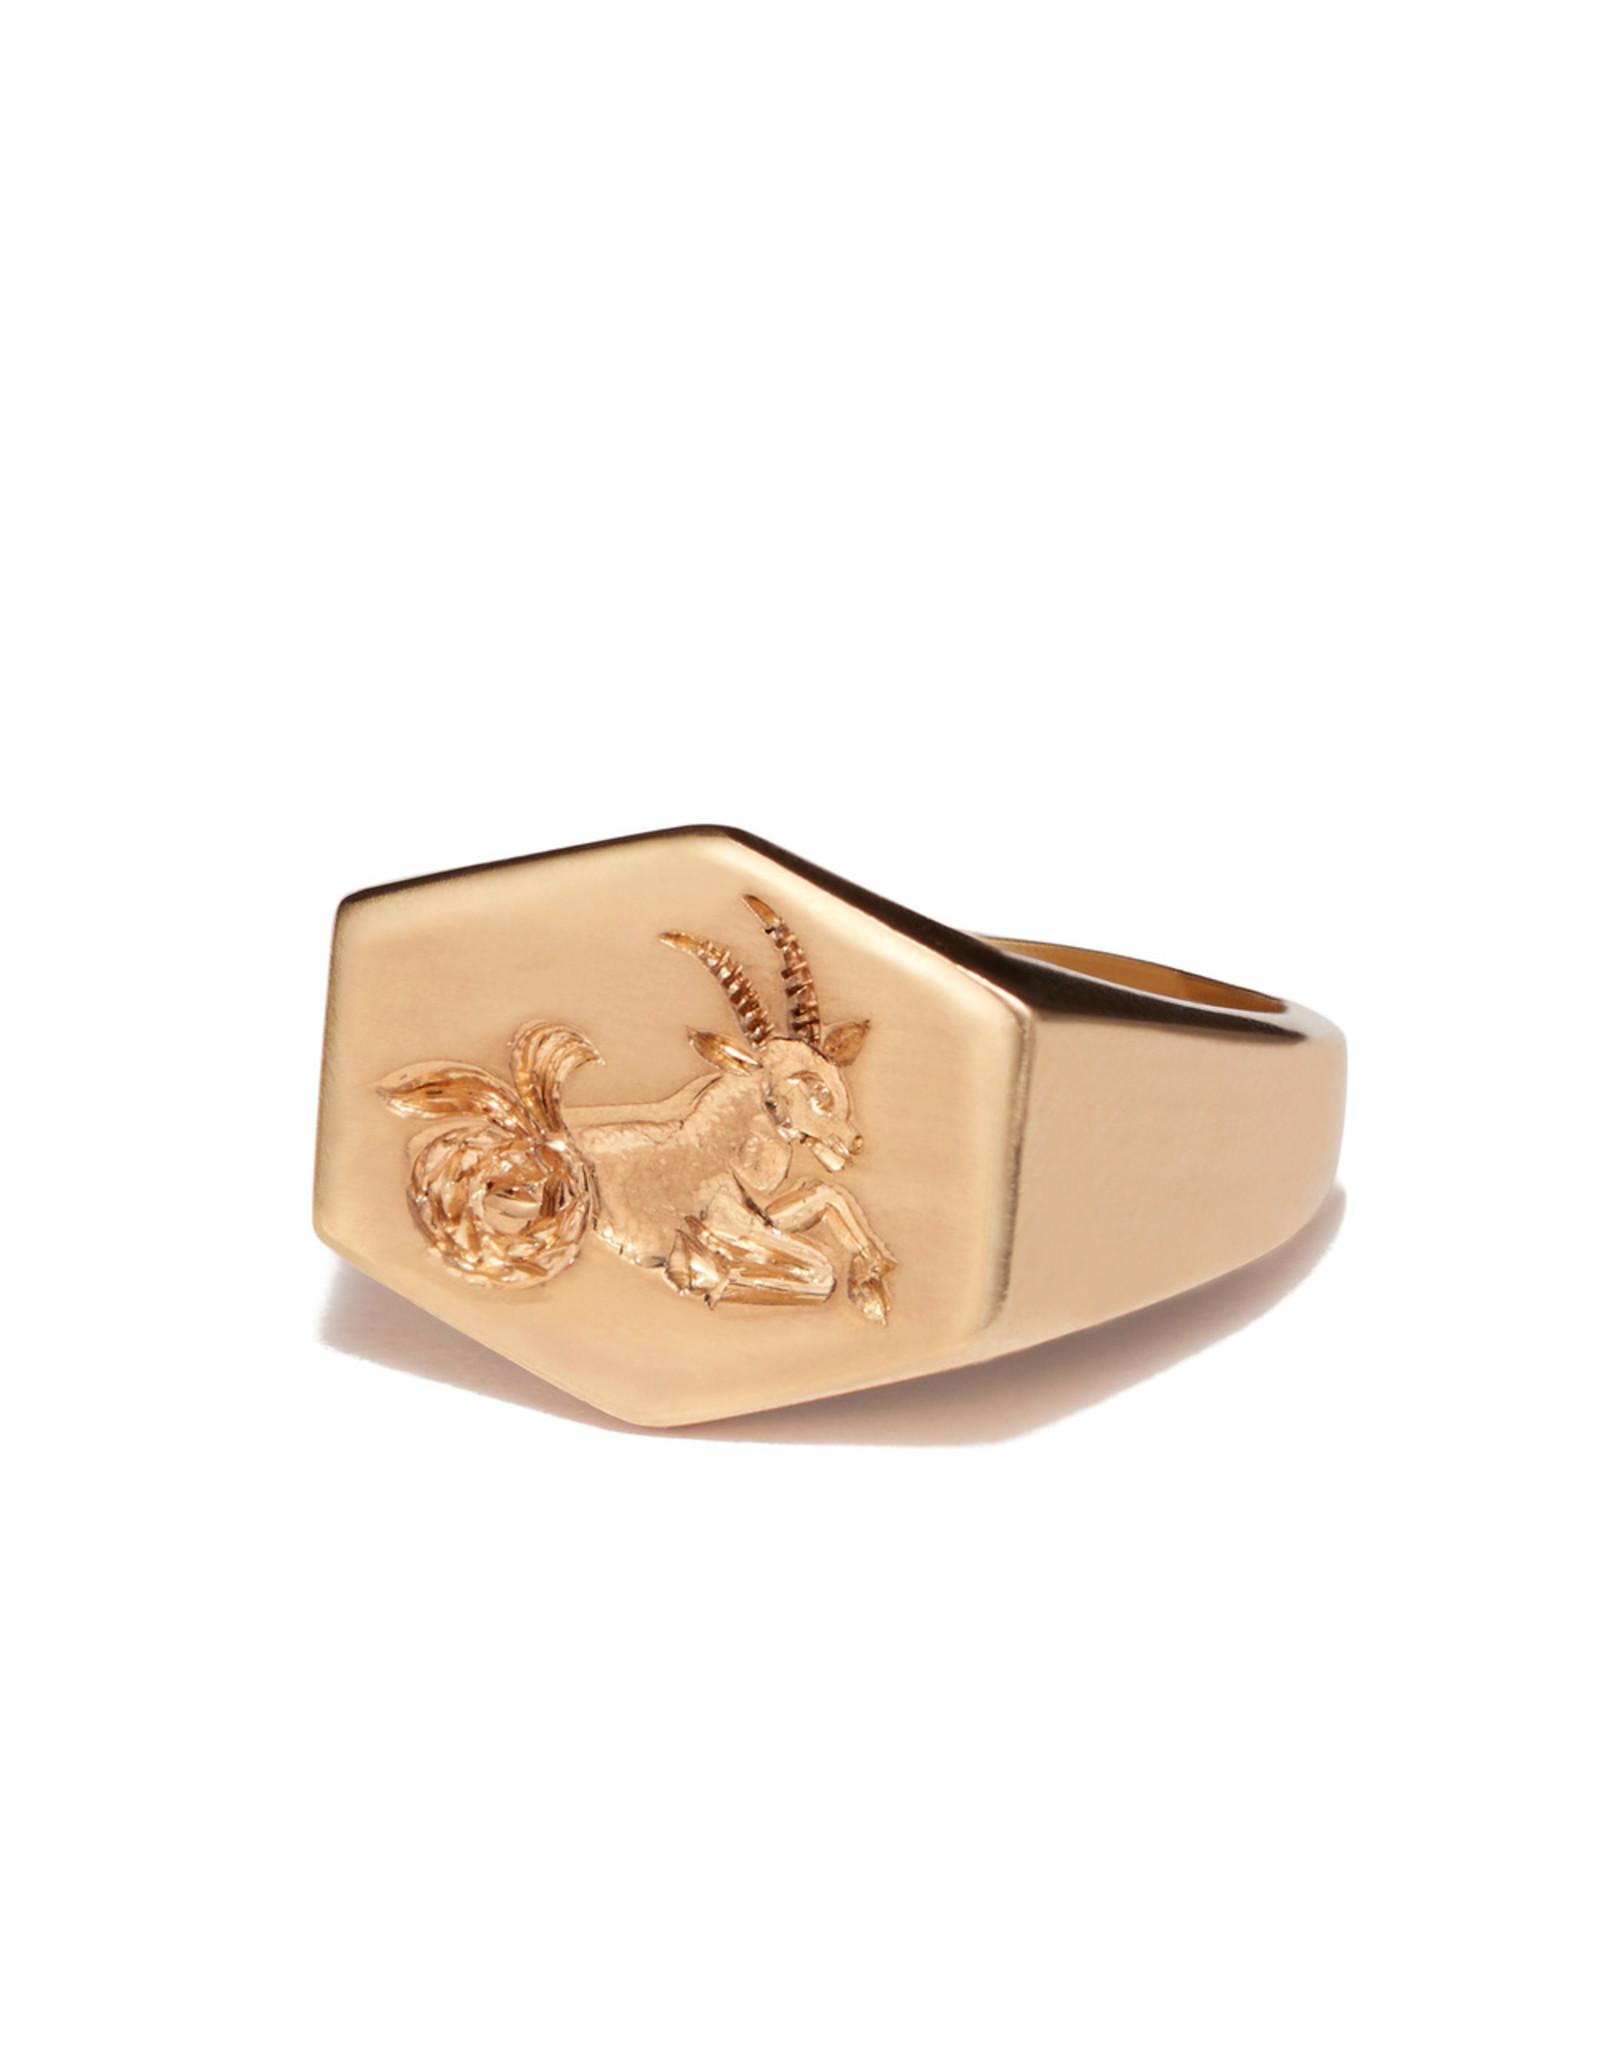 Kim Dunham Kim Dunham Zodiac Sign Gold Rings (Size: 7, Zodiac Sign: Capricorn, Color: Yellow Gold)